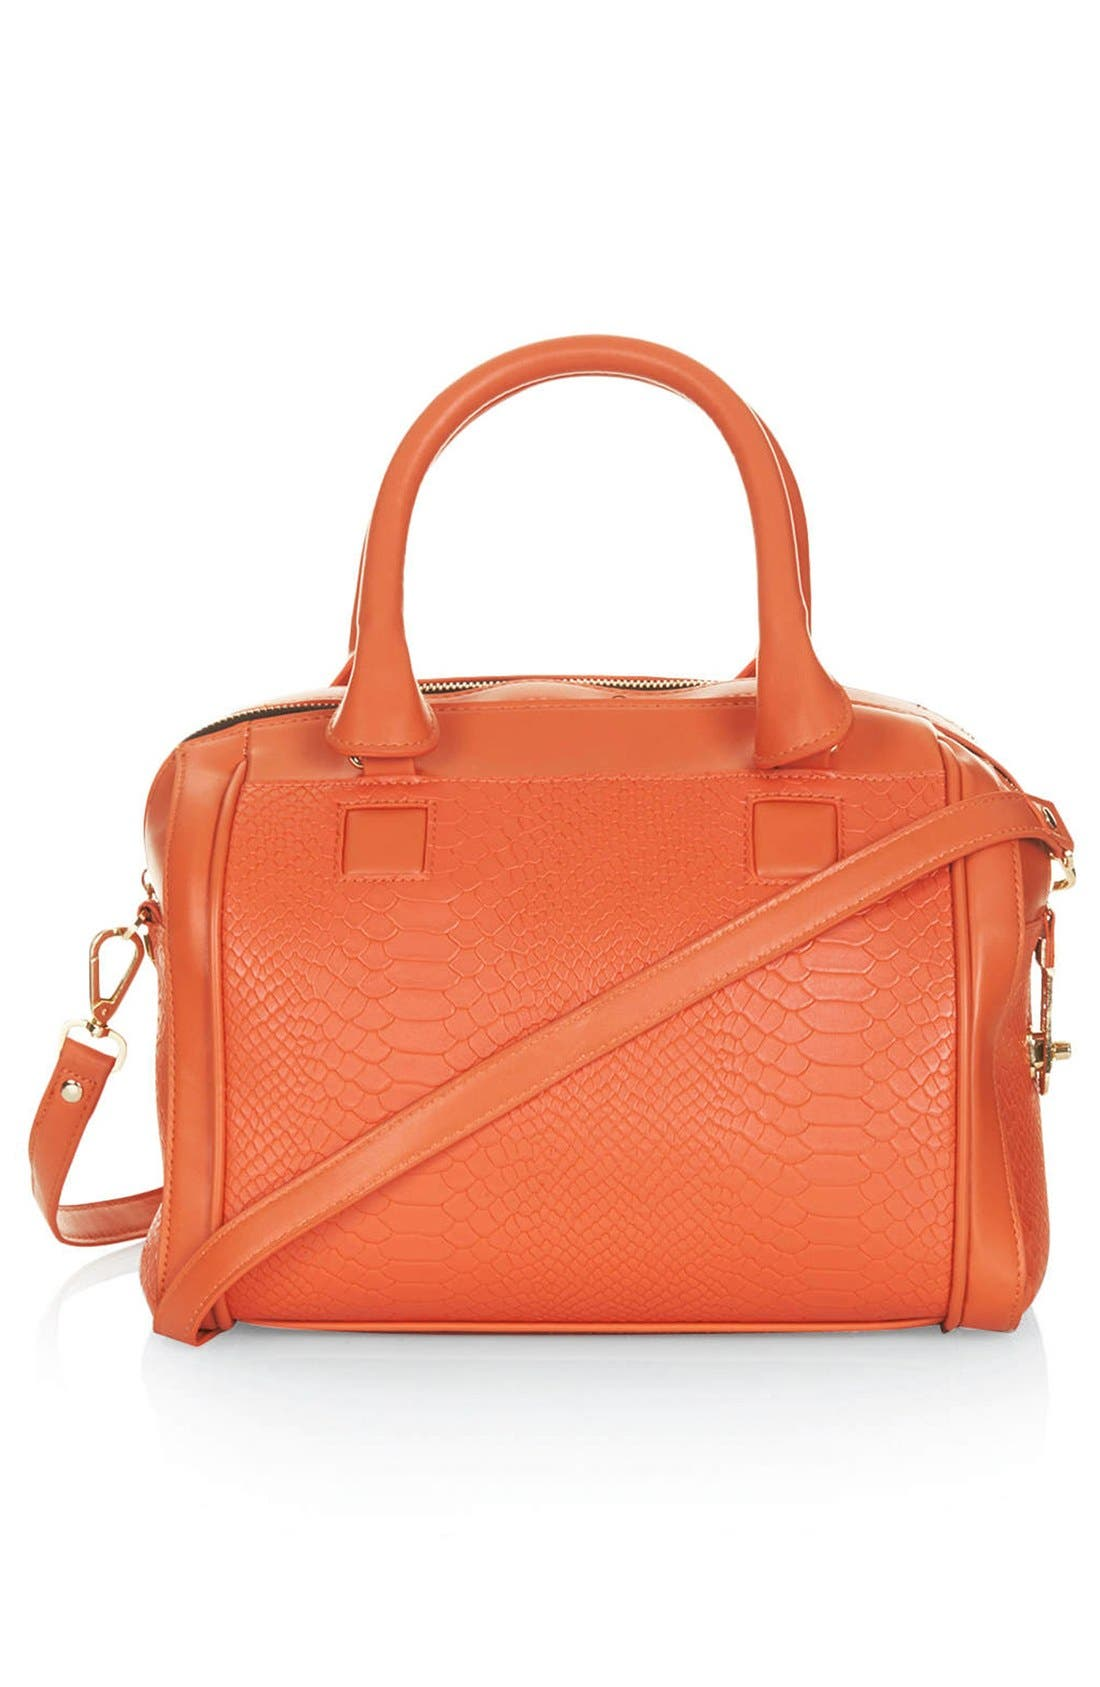 Main Image - Topshop Double Zip Faux Leather Bag